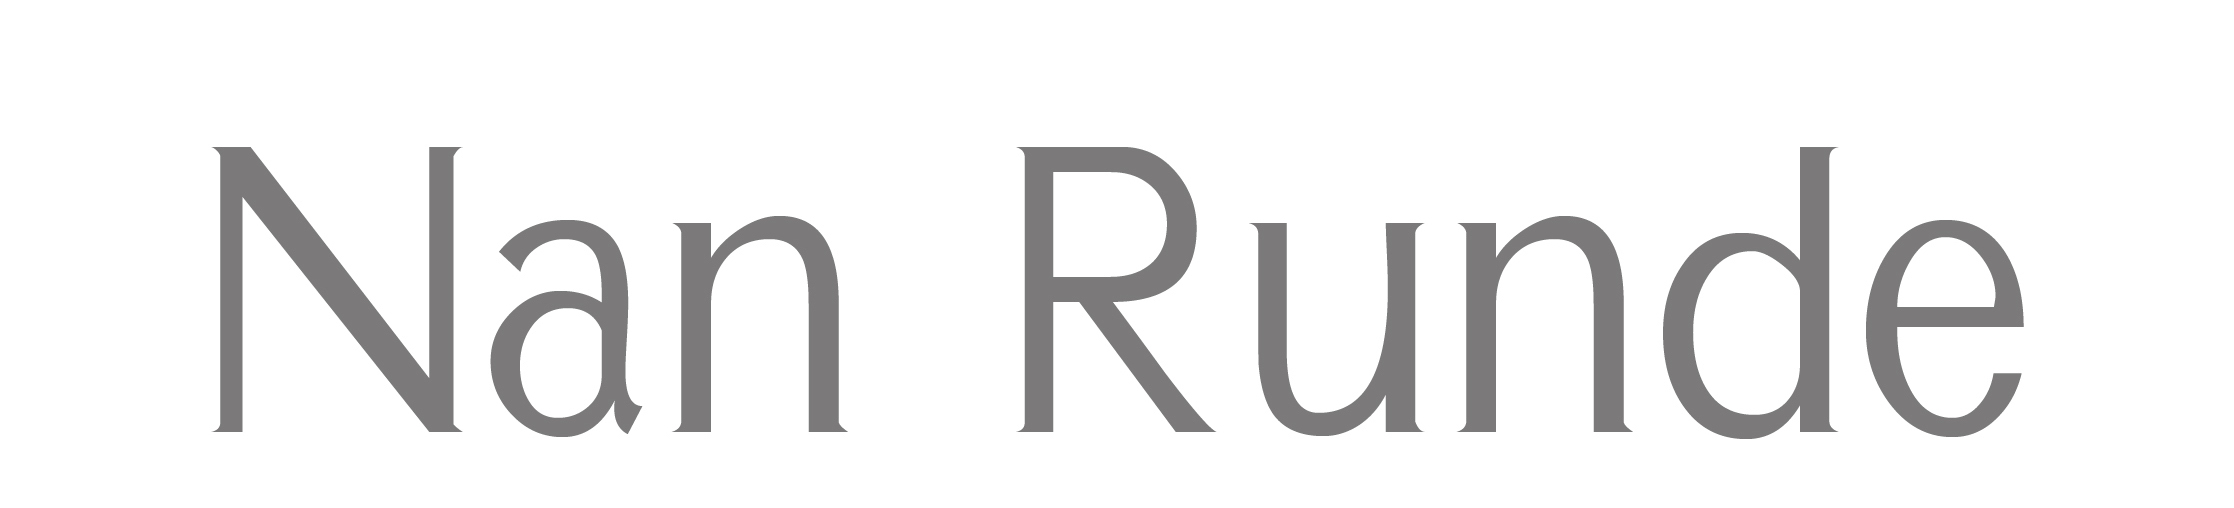 Nan Runde